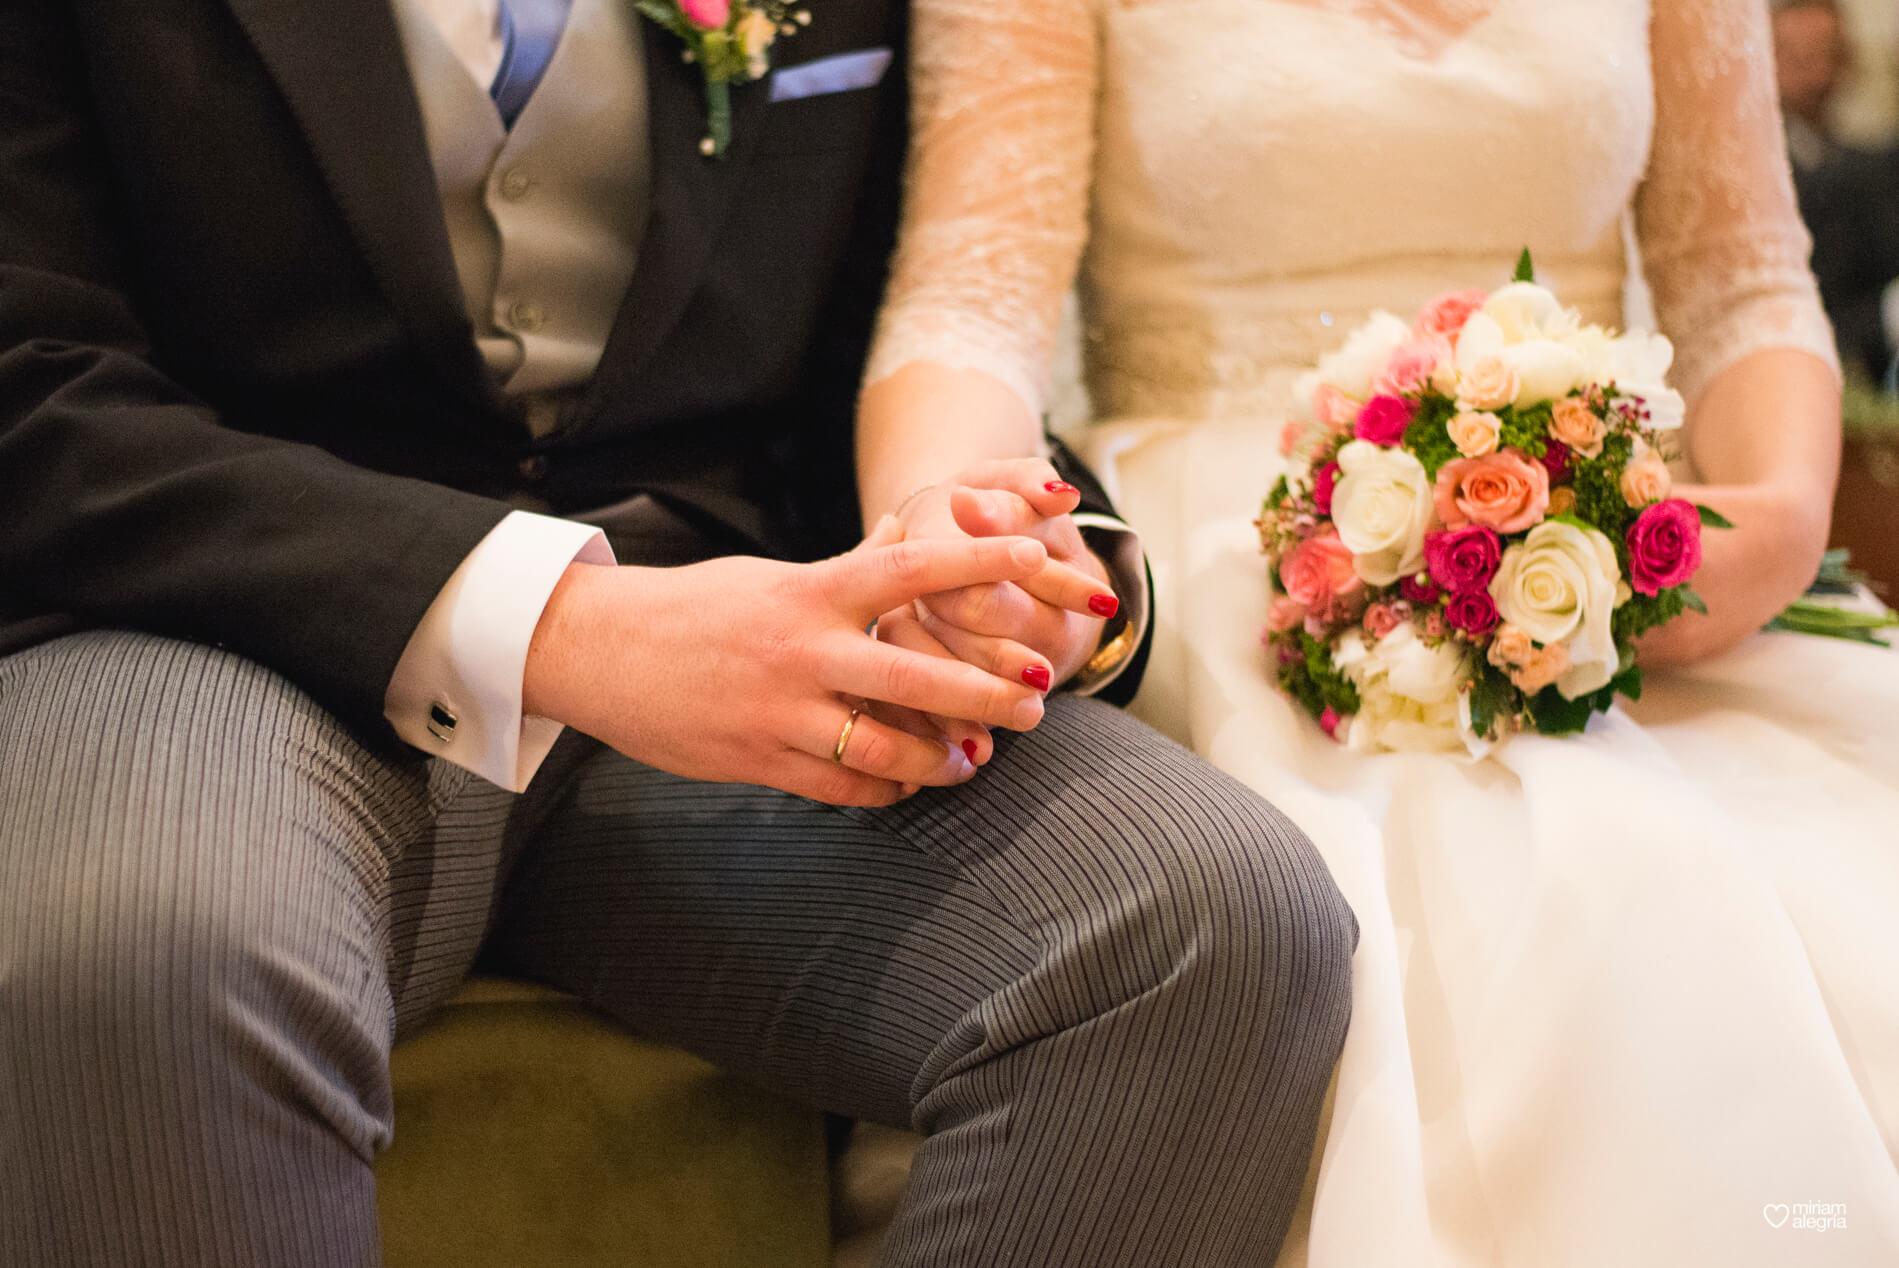 boda-en-el-rincon-huertano-miriam-alegria-fotografos-boda-murcia-60